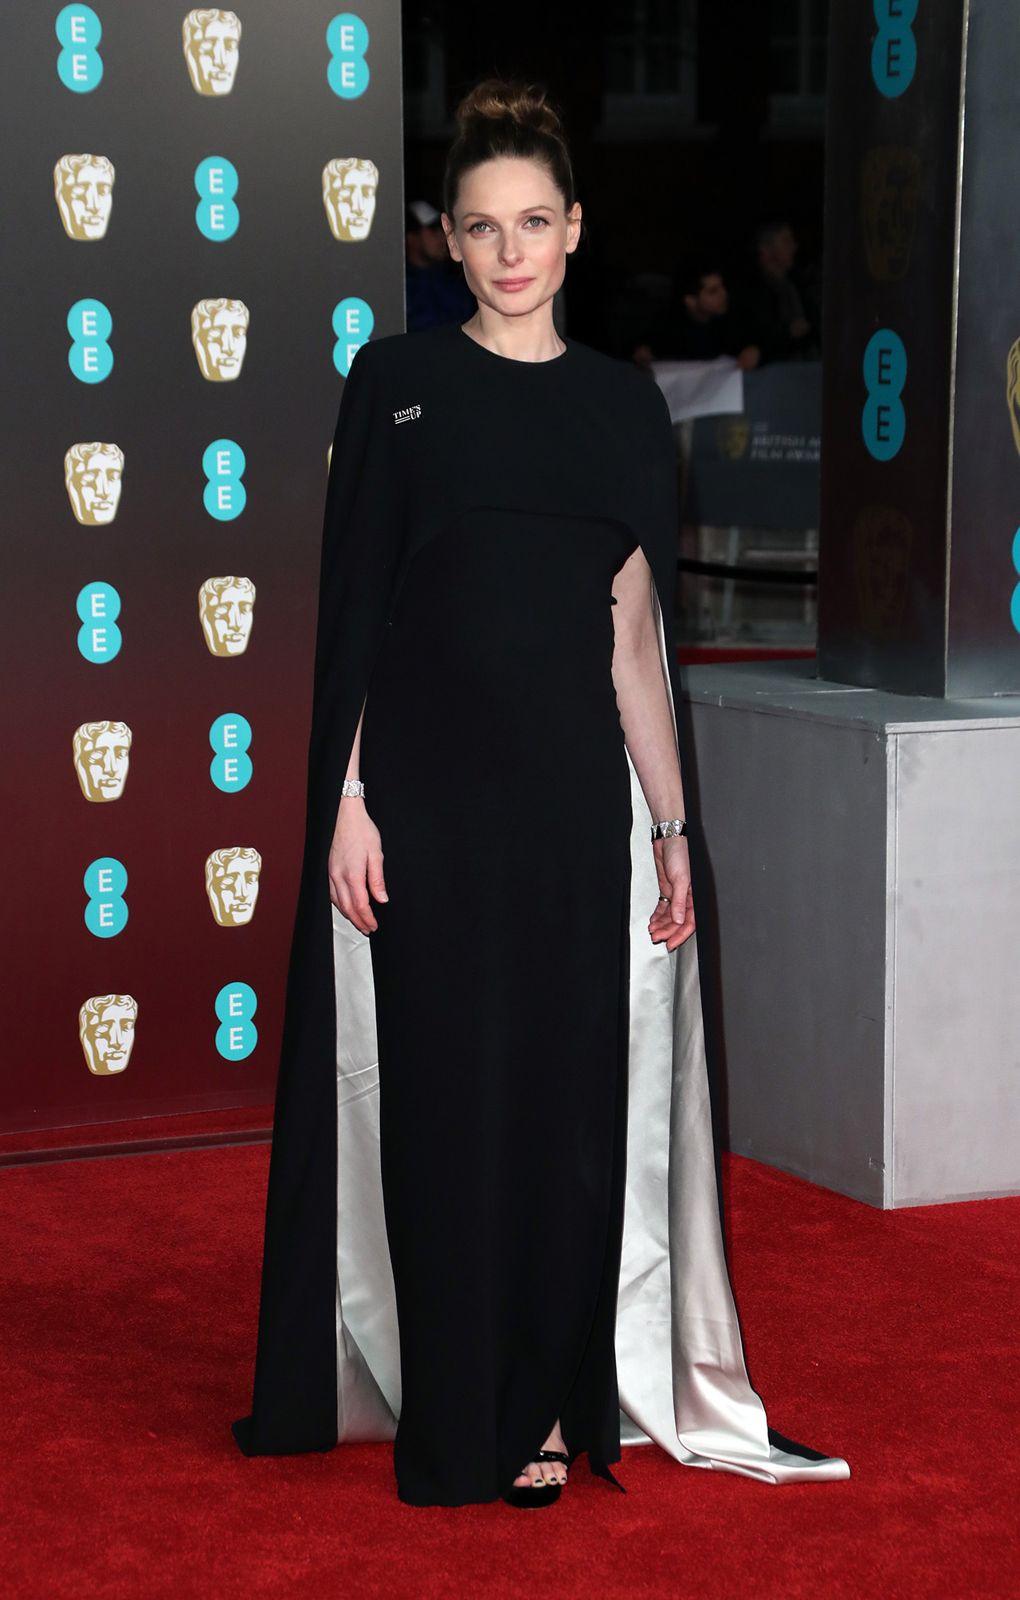 И снова в черном: лучшие образы церемонии BAFTA 2018 в Лондоне